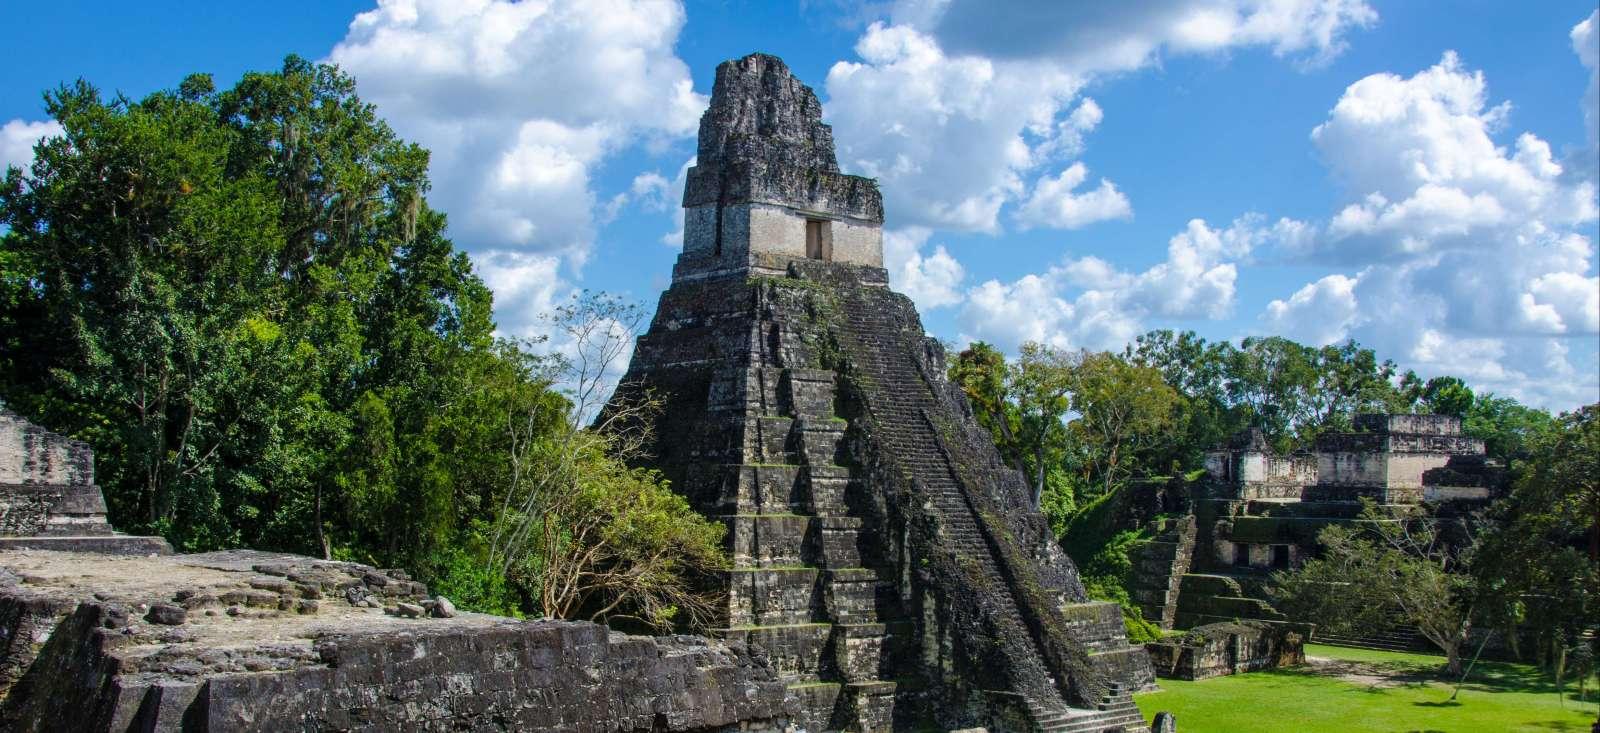 Voyage à pied : Balade en pays maya